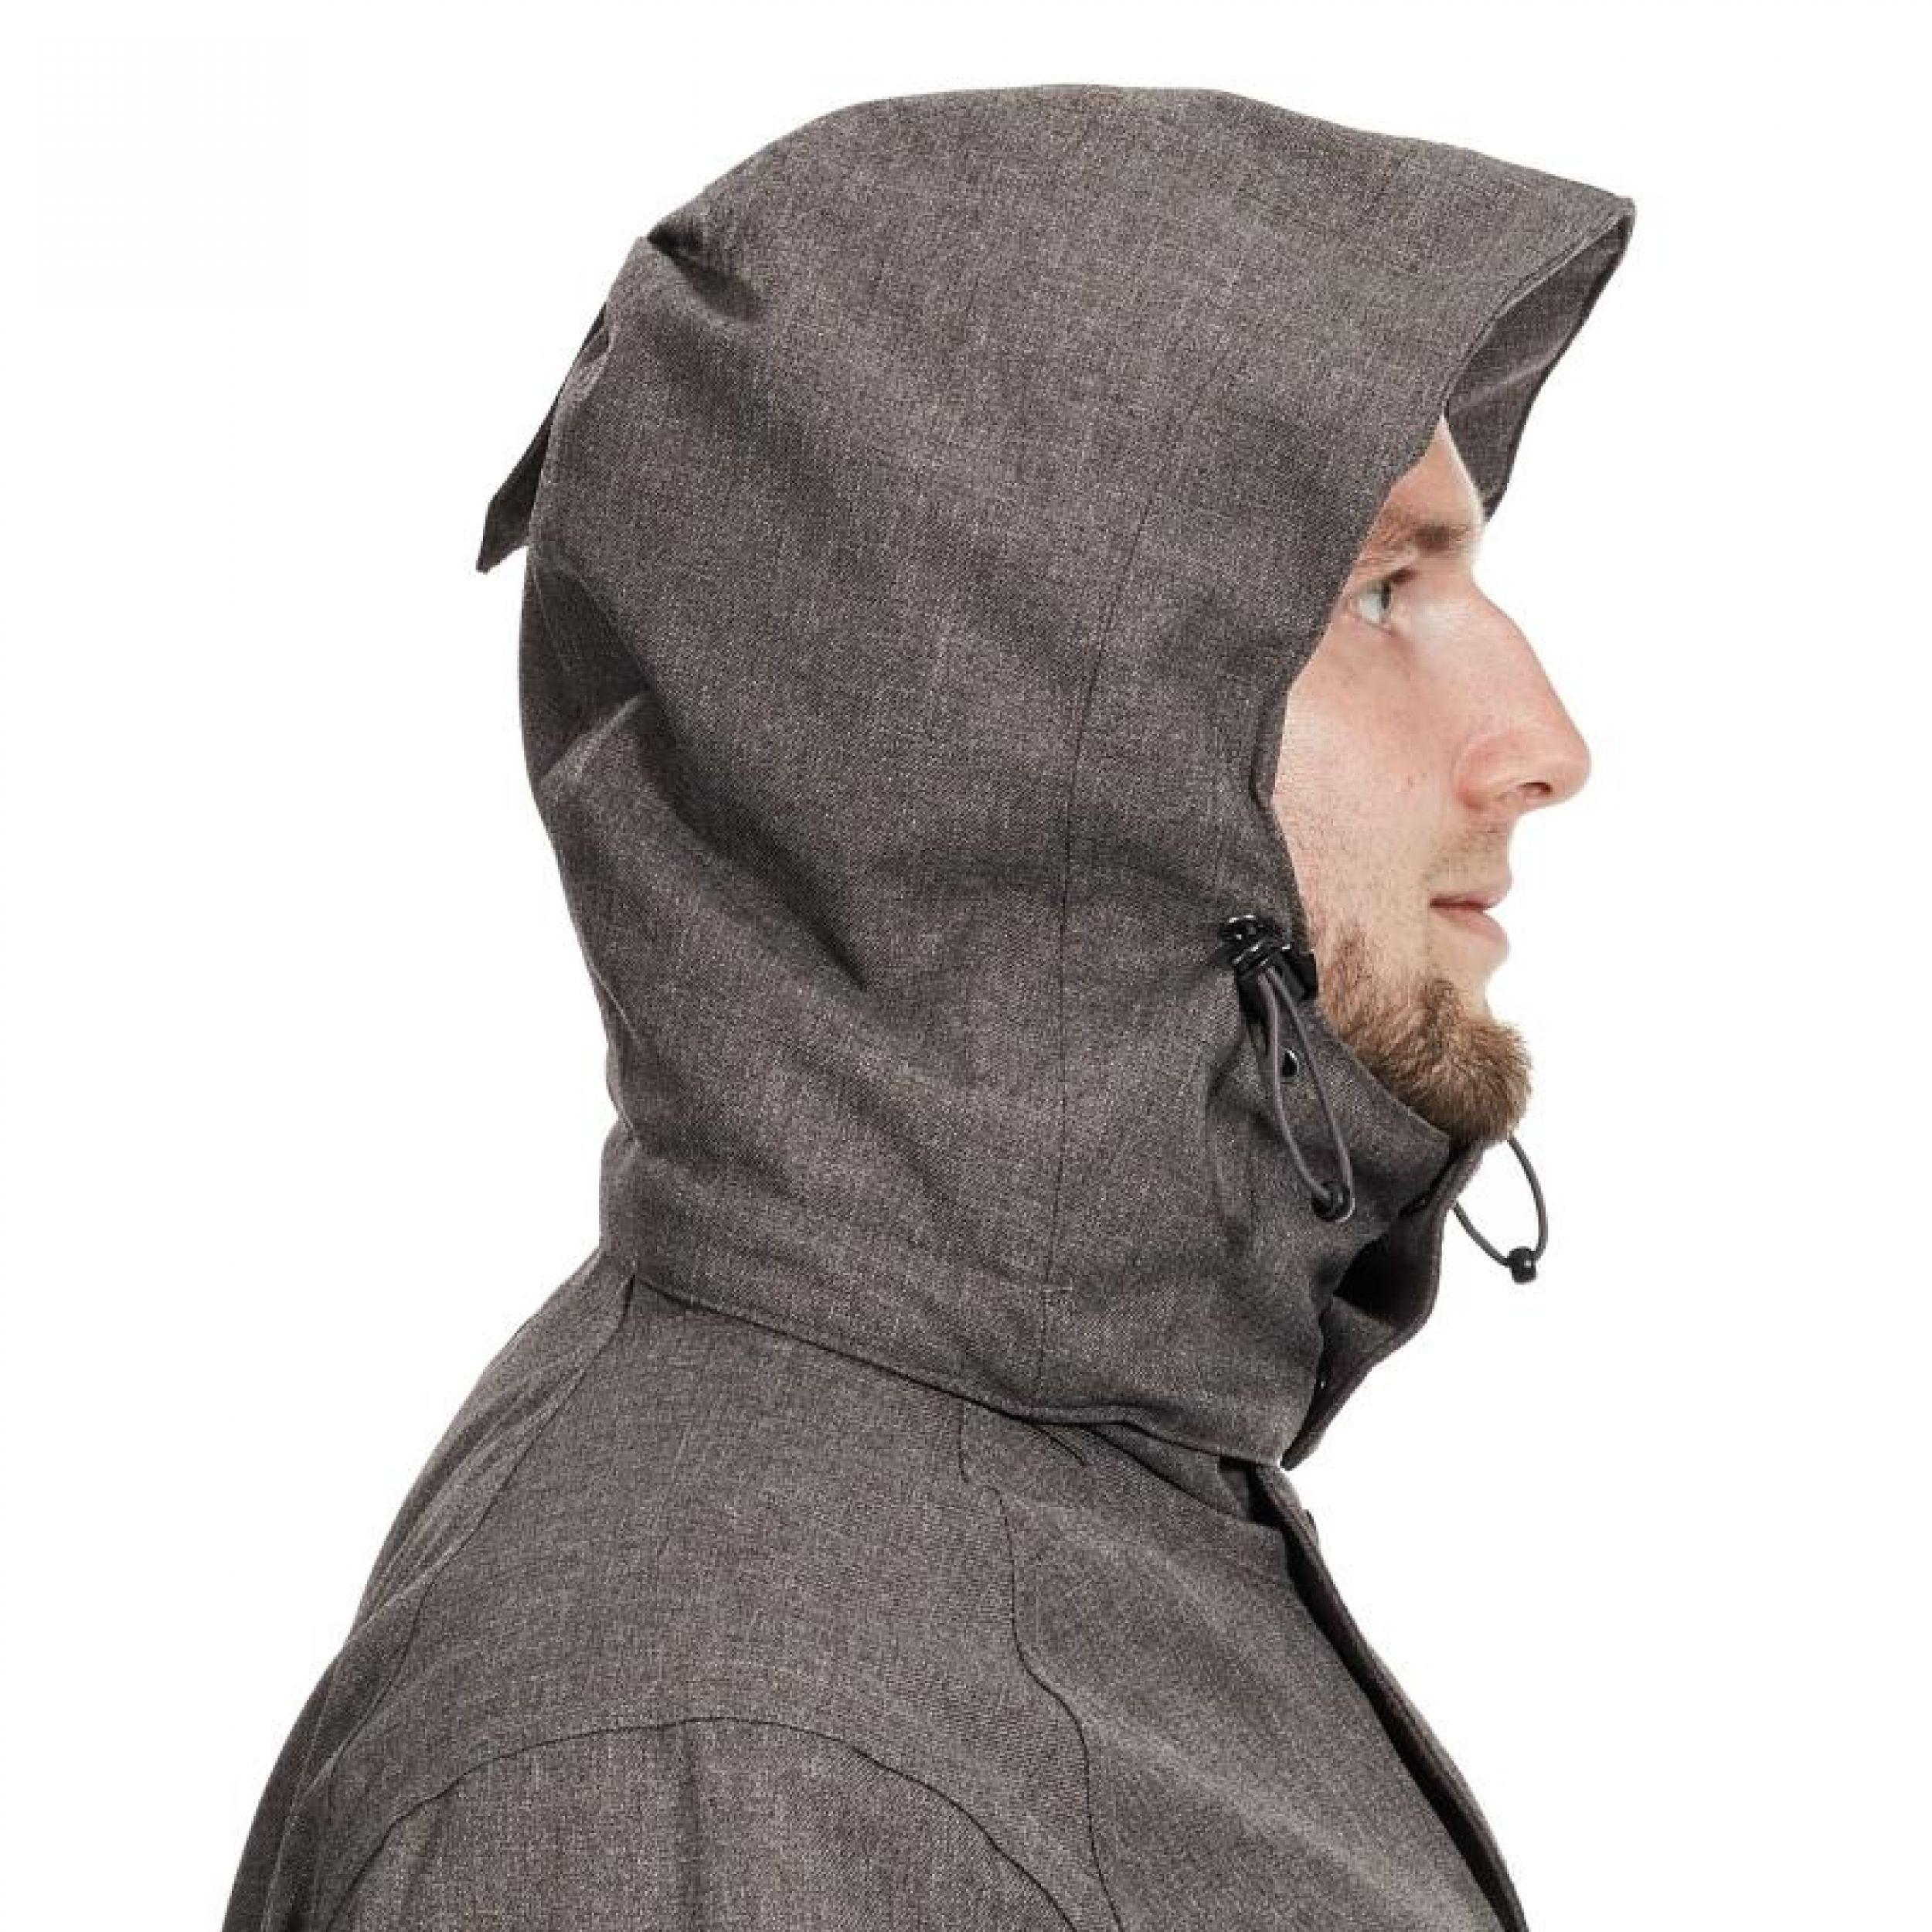 279686004_p_3in1_jacket_shenandoa_schoeffel.jpg